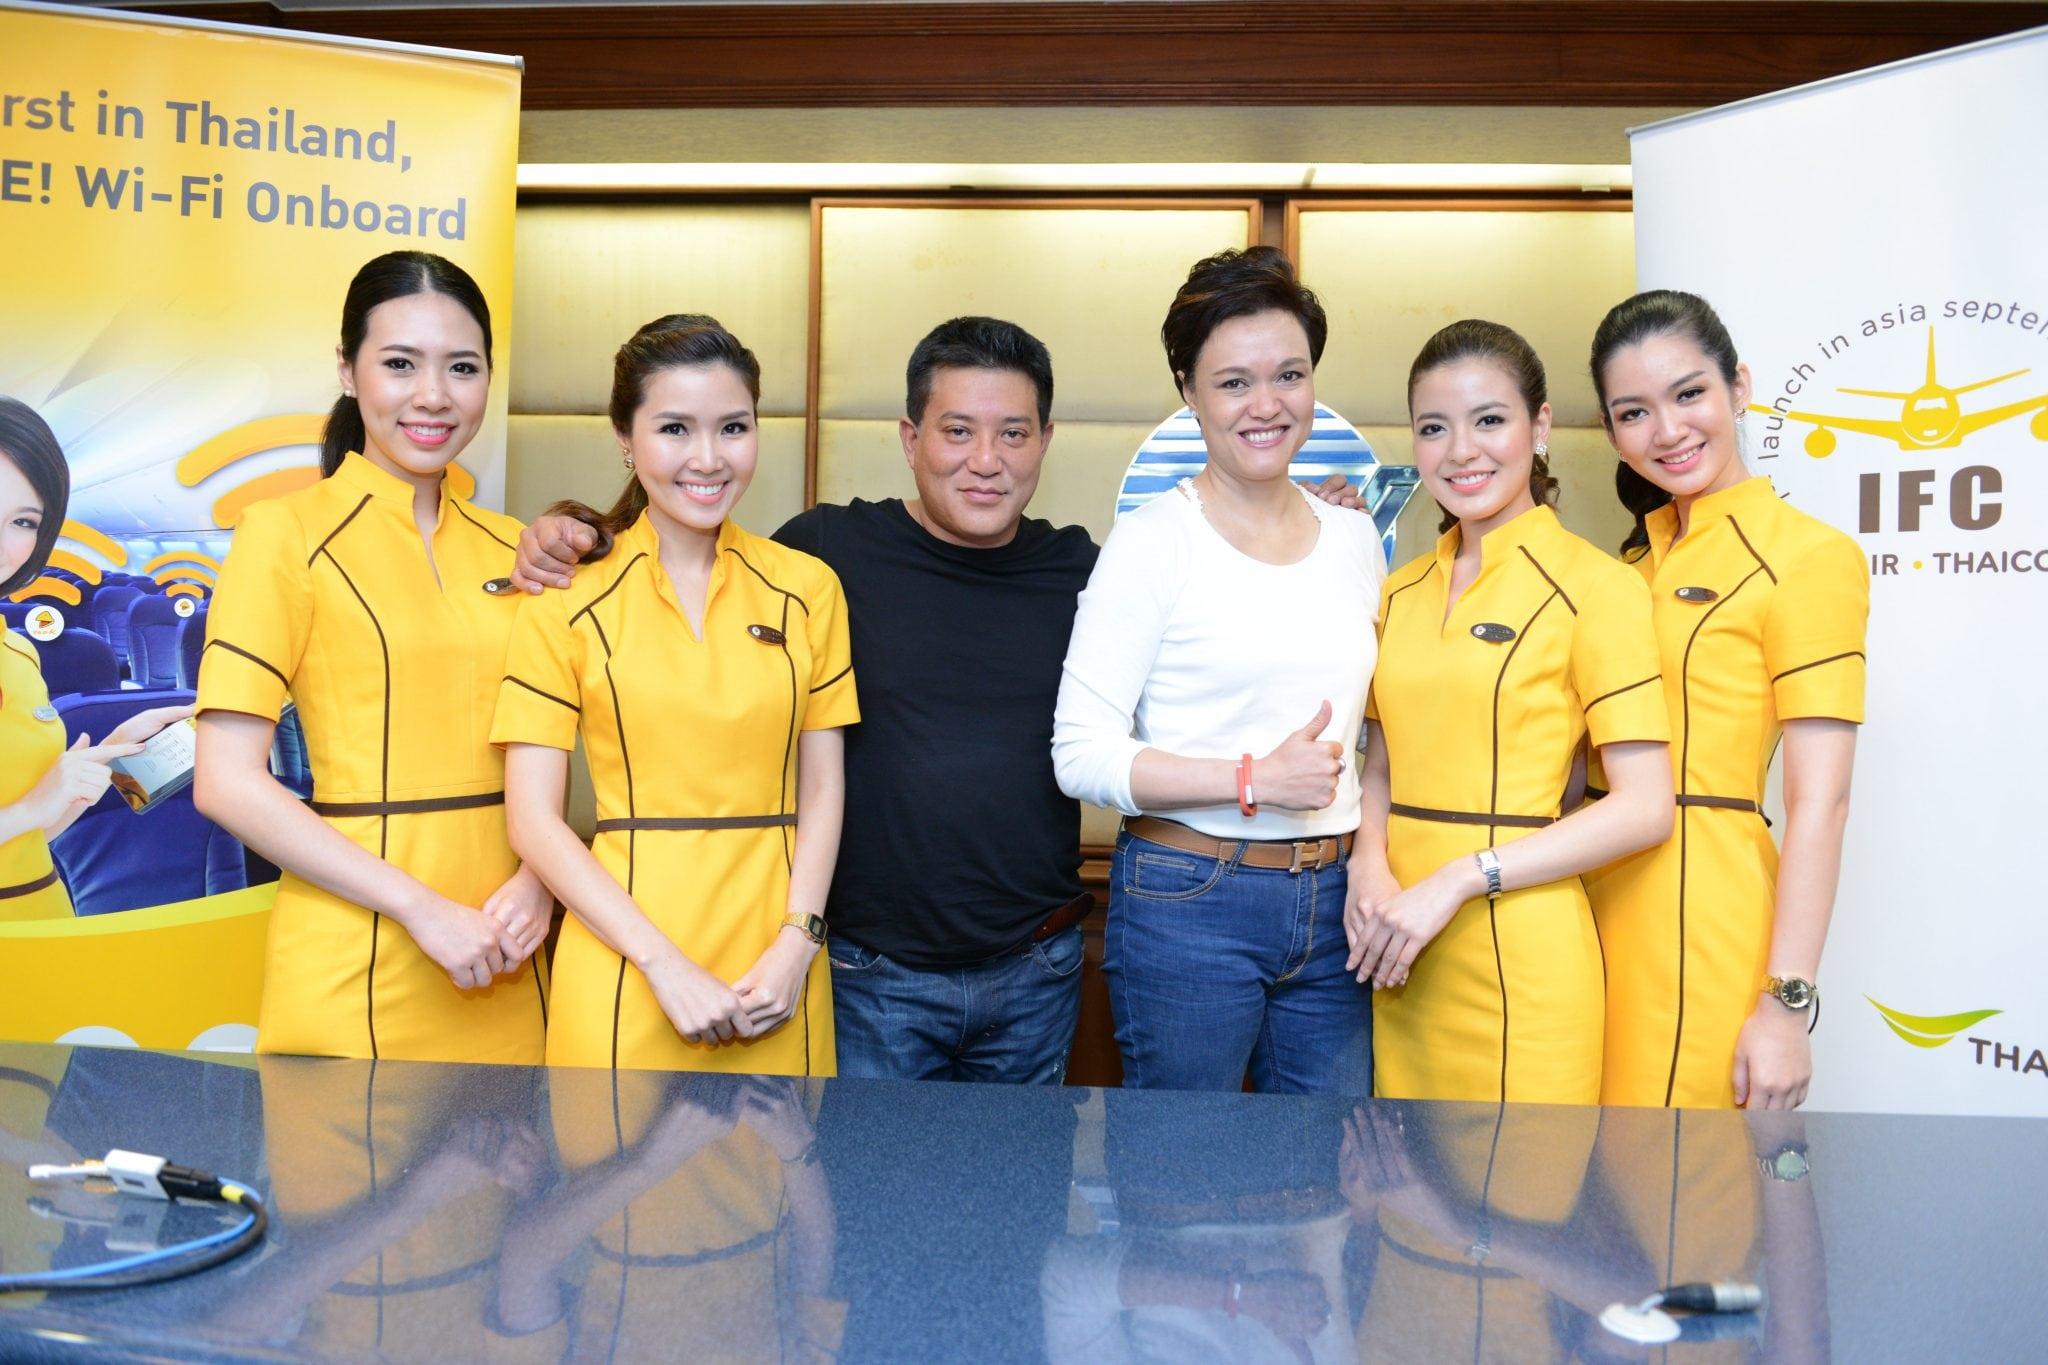 Patee Sarasin Nok Air CEO with Suphajee Suthumpun, Thaicom CEO